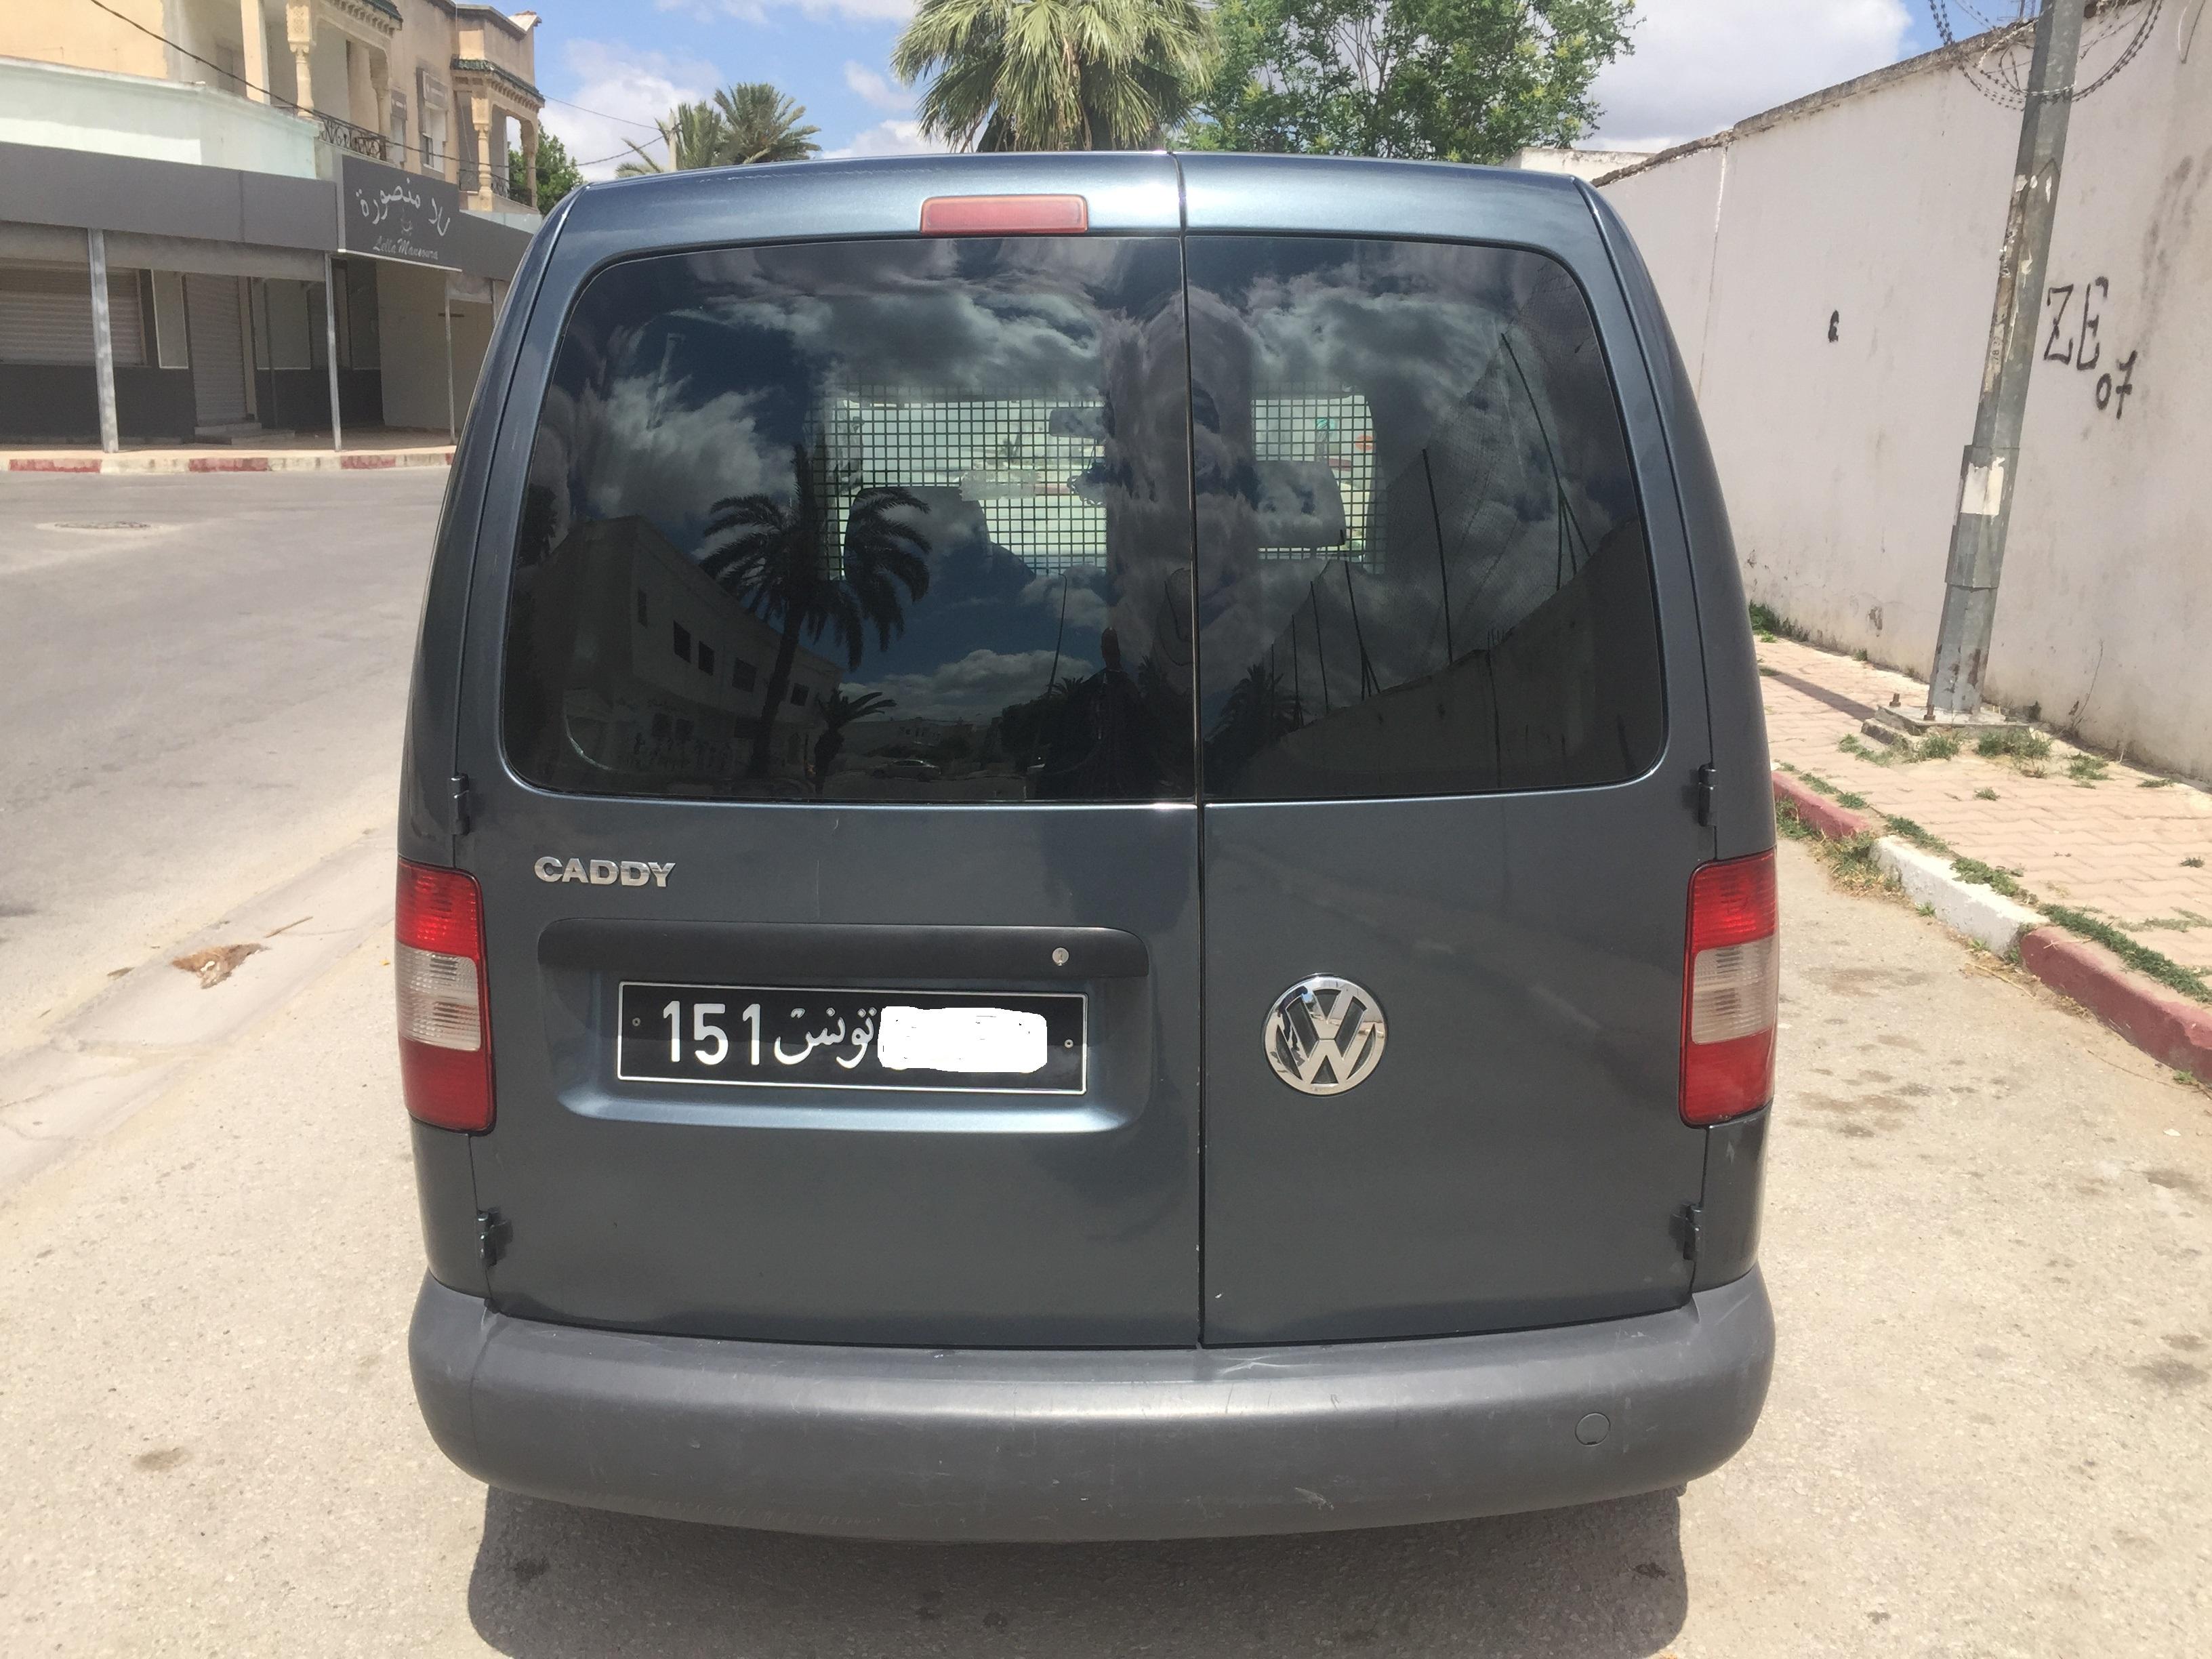 vente voiture occasion utilitaire tunisie volkswagen caddy